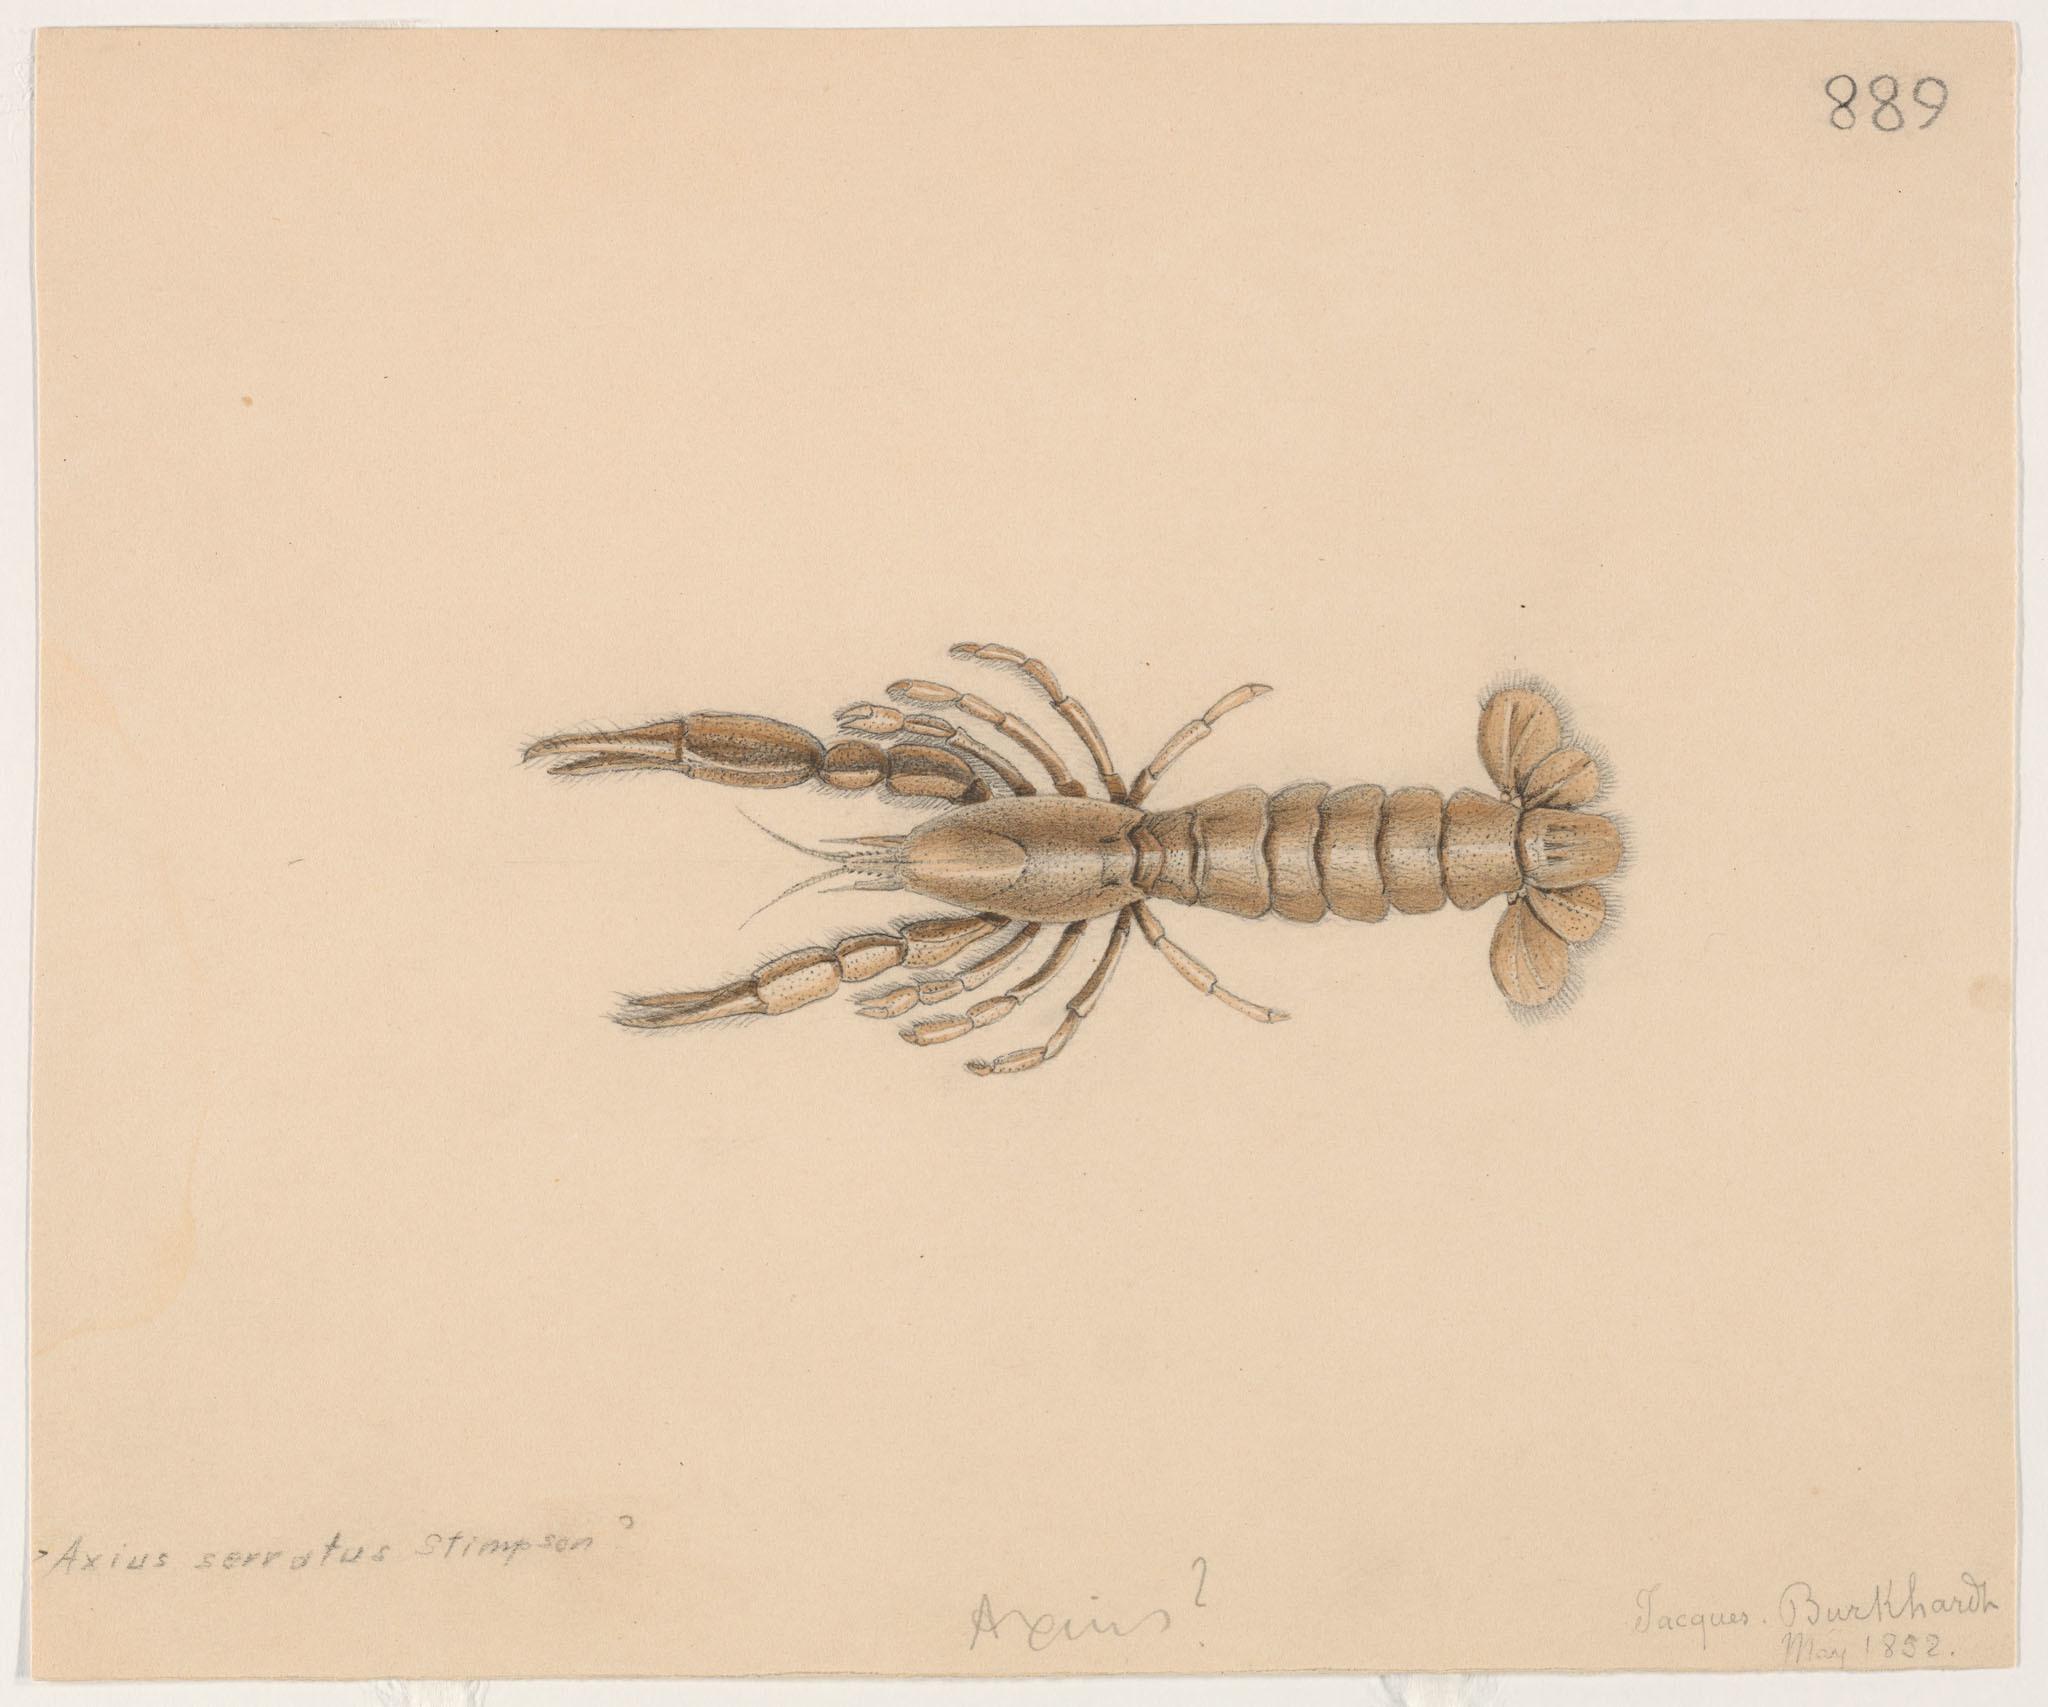 Image of lobster shrimp